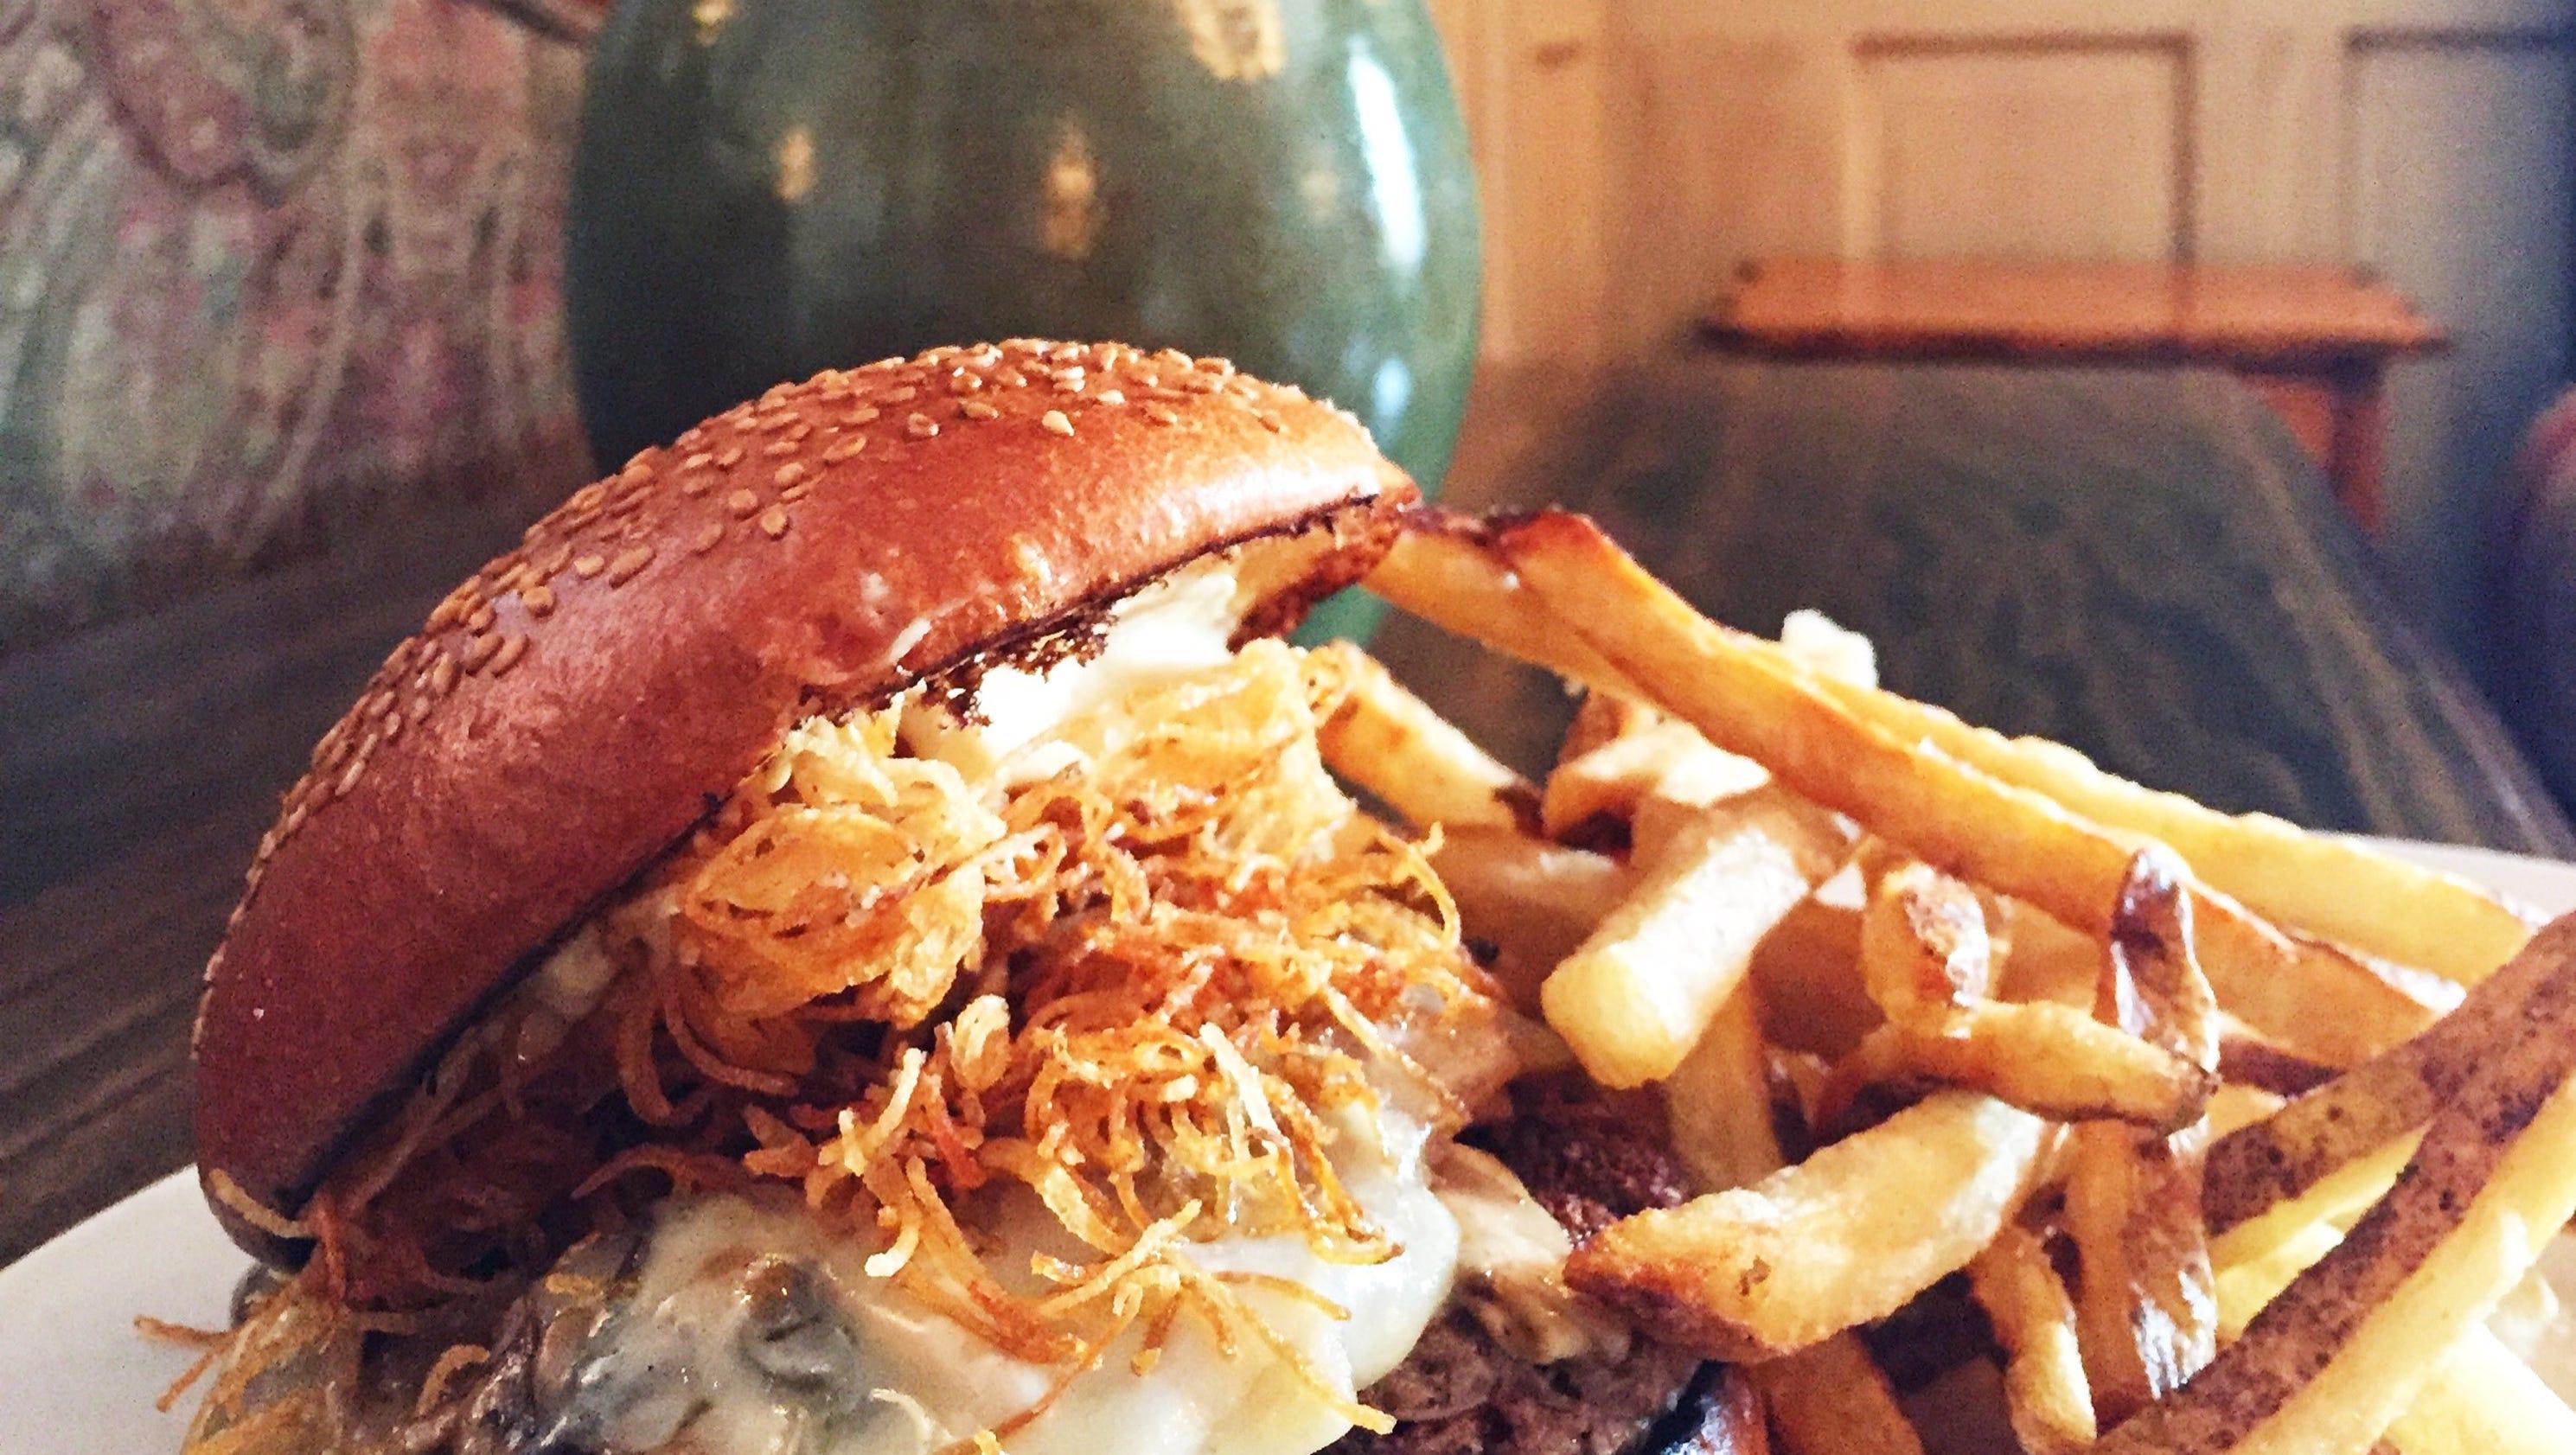 Best Restaurants In Morris County